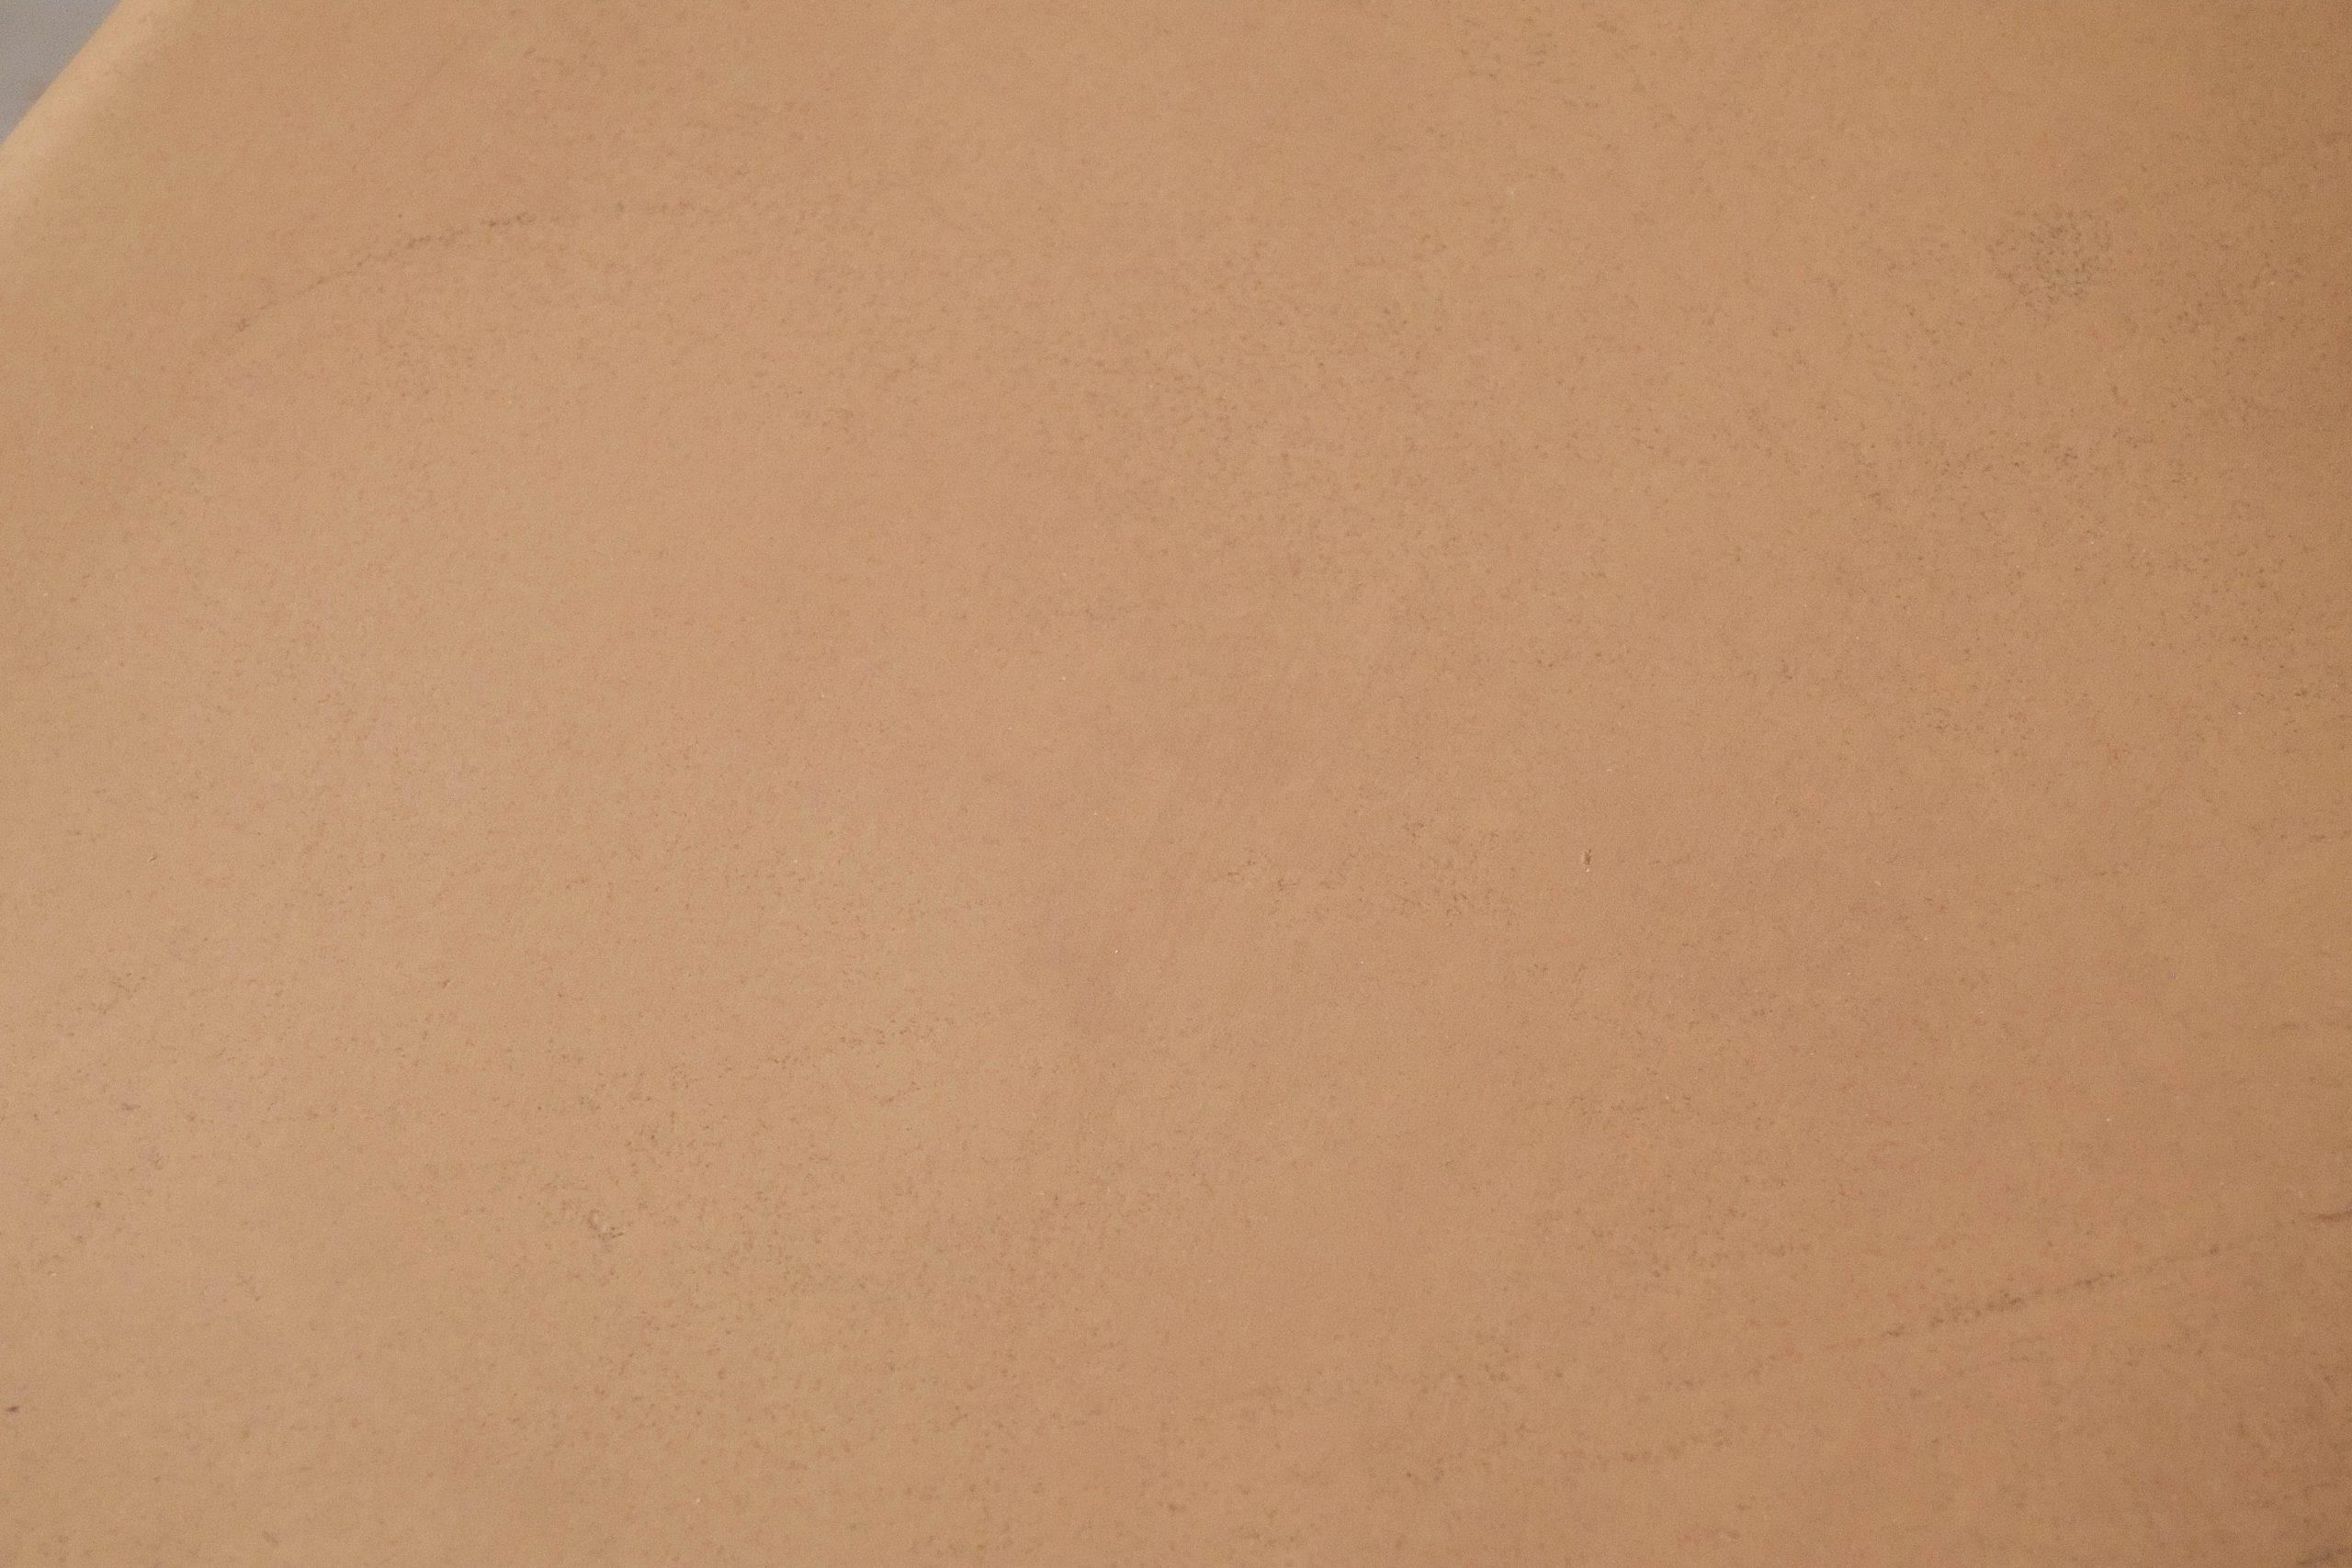 piel piel de vacuno asiento de piel autentica natural taburete de calidad